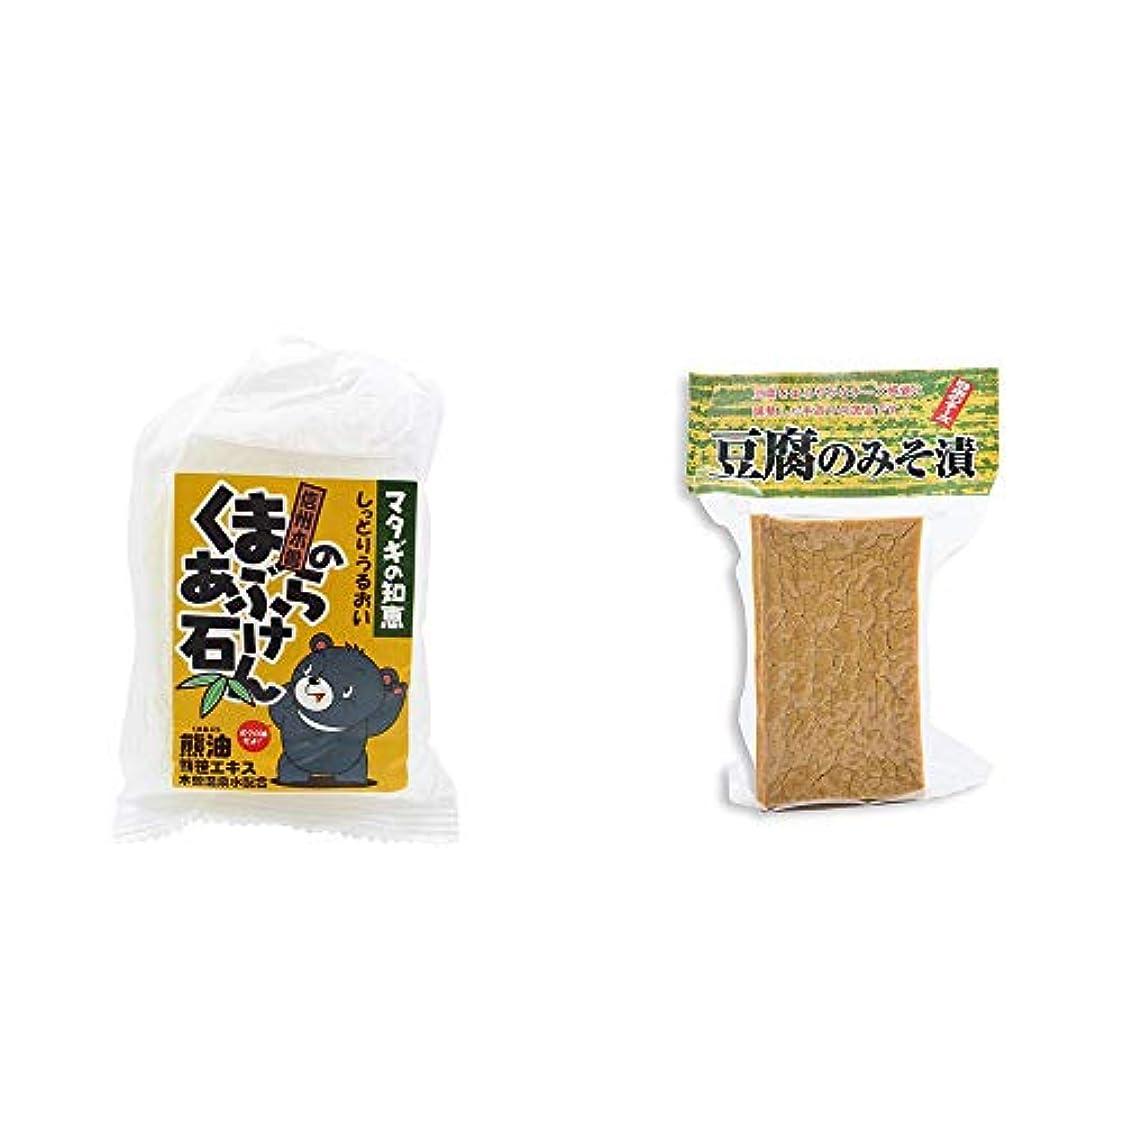 自然公園ファッション階段[2点セット] 信州木曽 くまのあぶら石けん(80g)?日本のチーズ 豆腐のみそ漬(1個入)